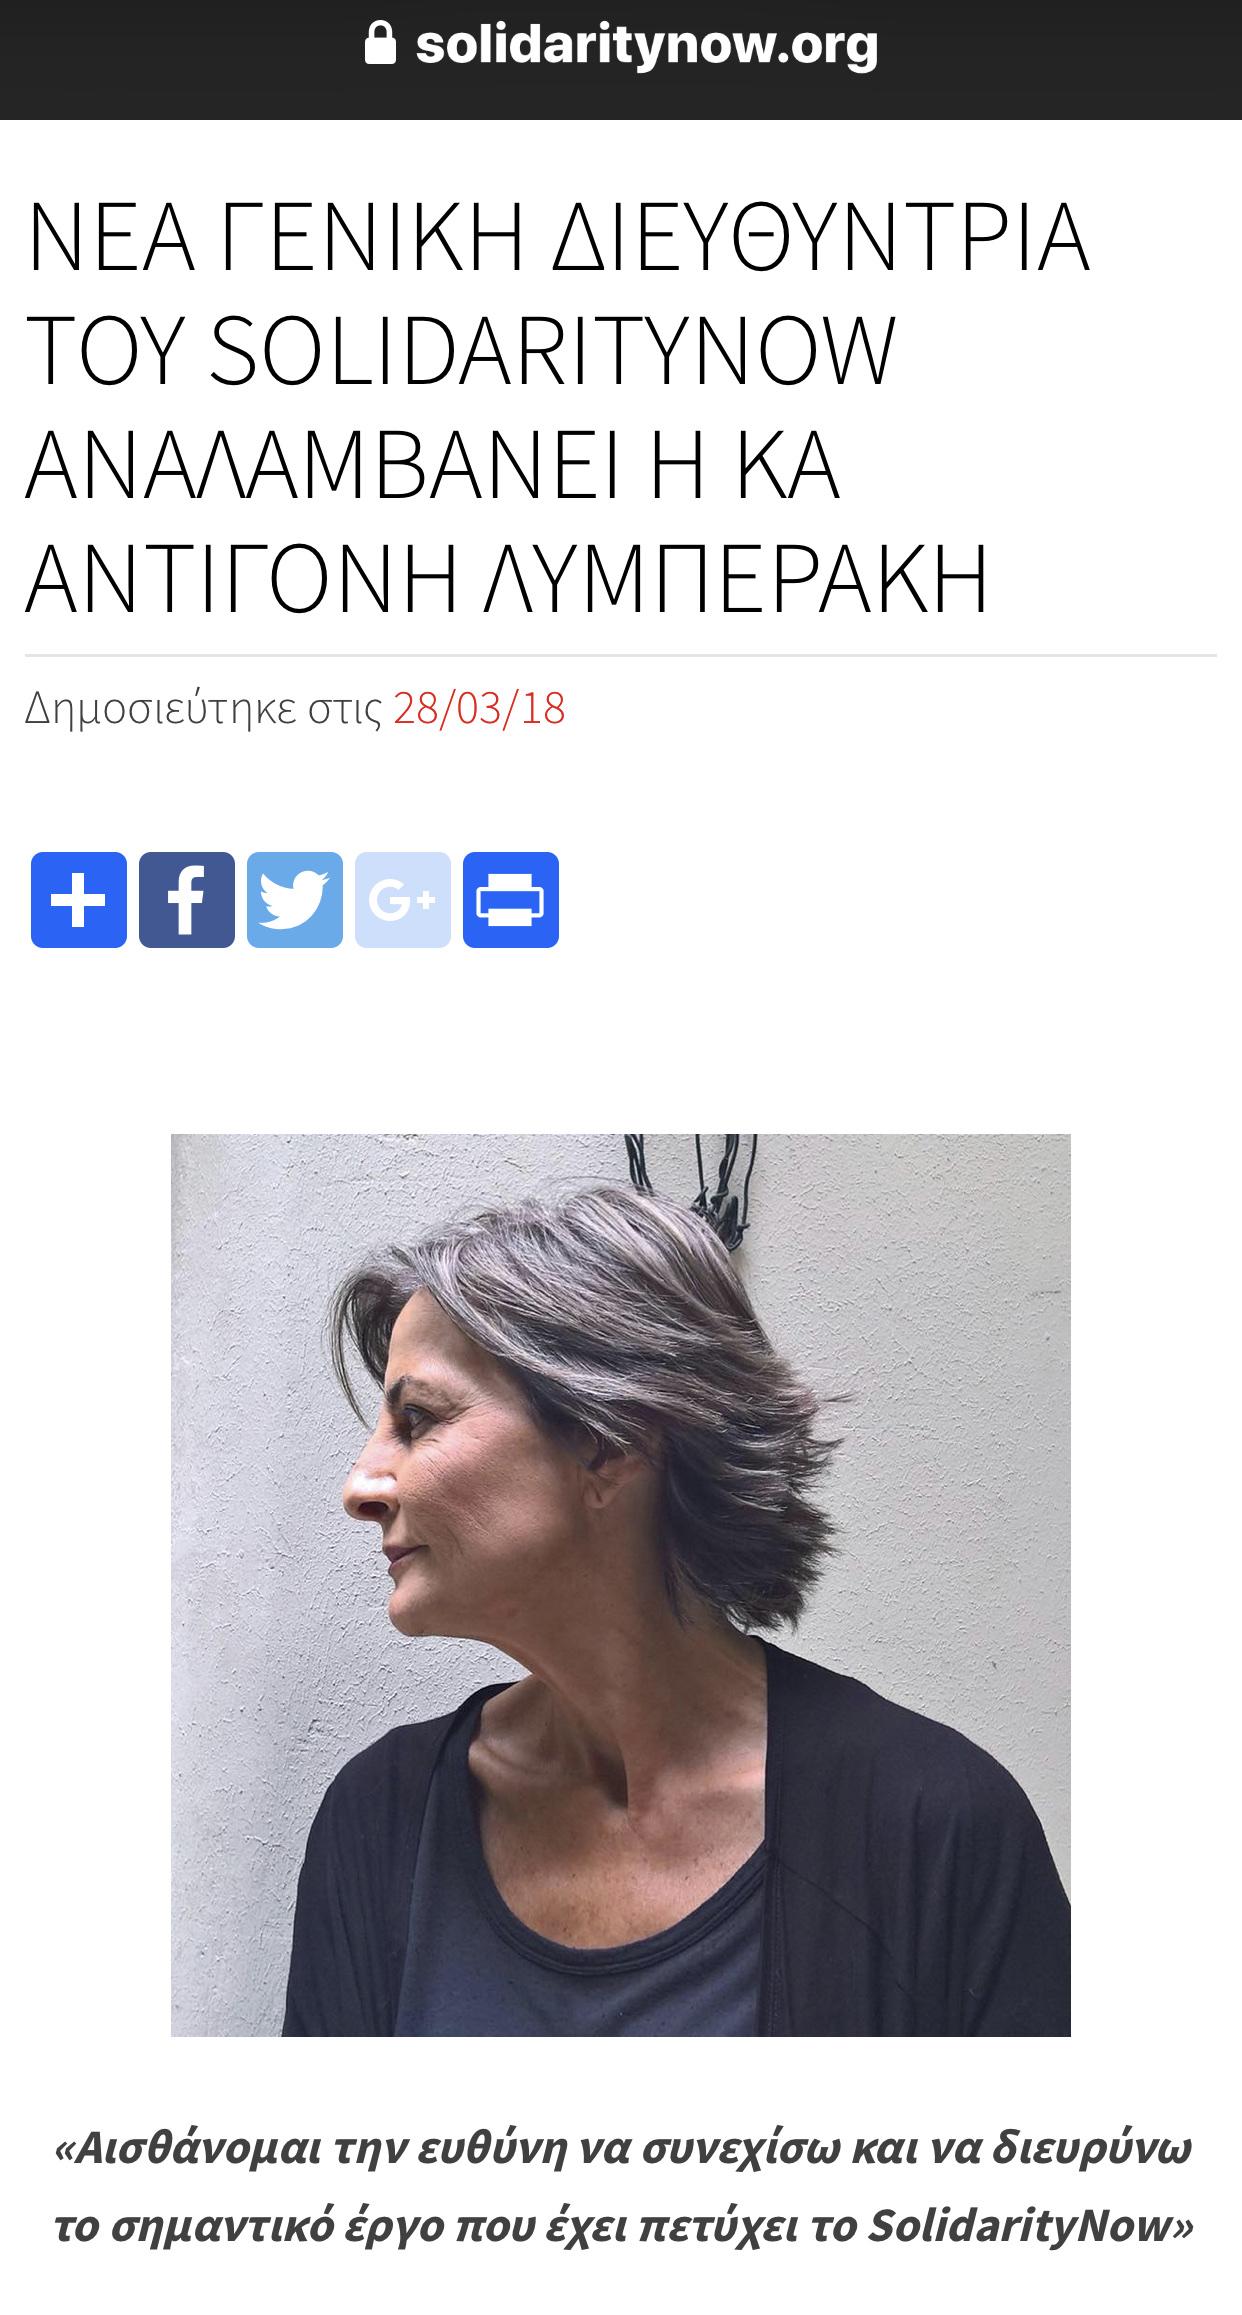 SOLIDARITY NOW ΛΥΜΠΕΡΑΚΗ